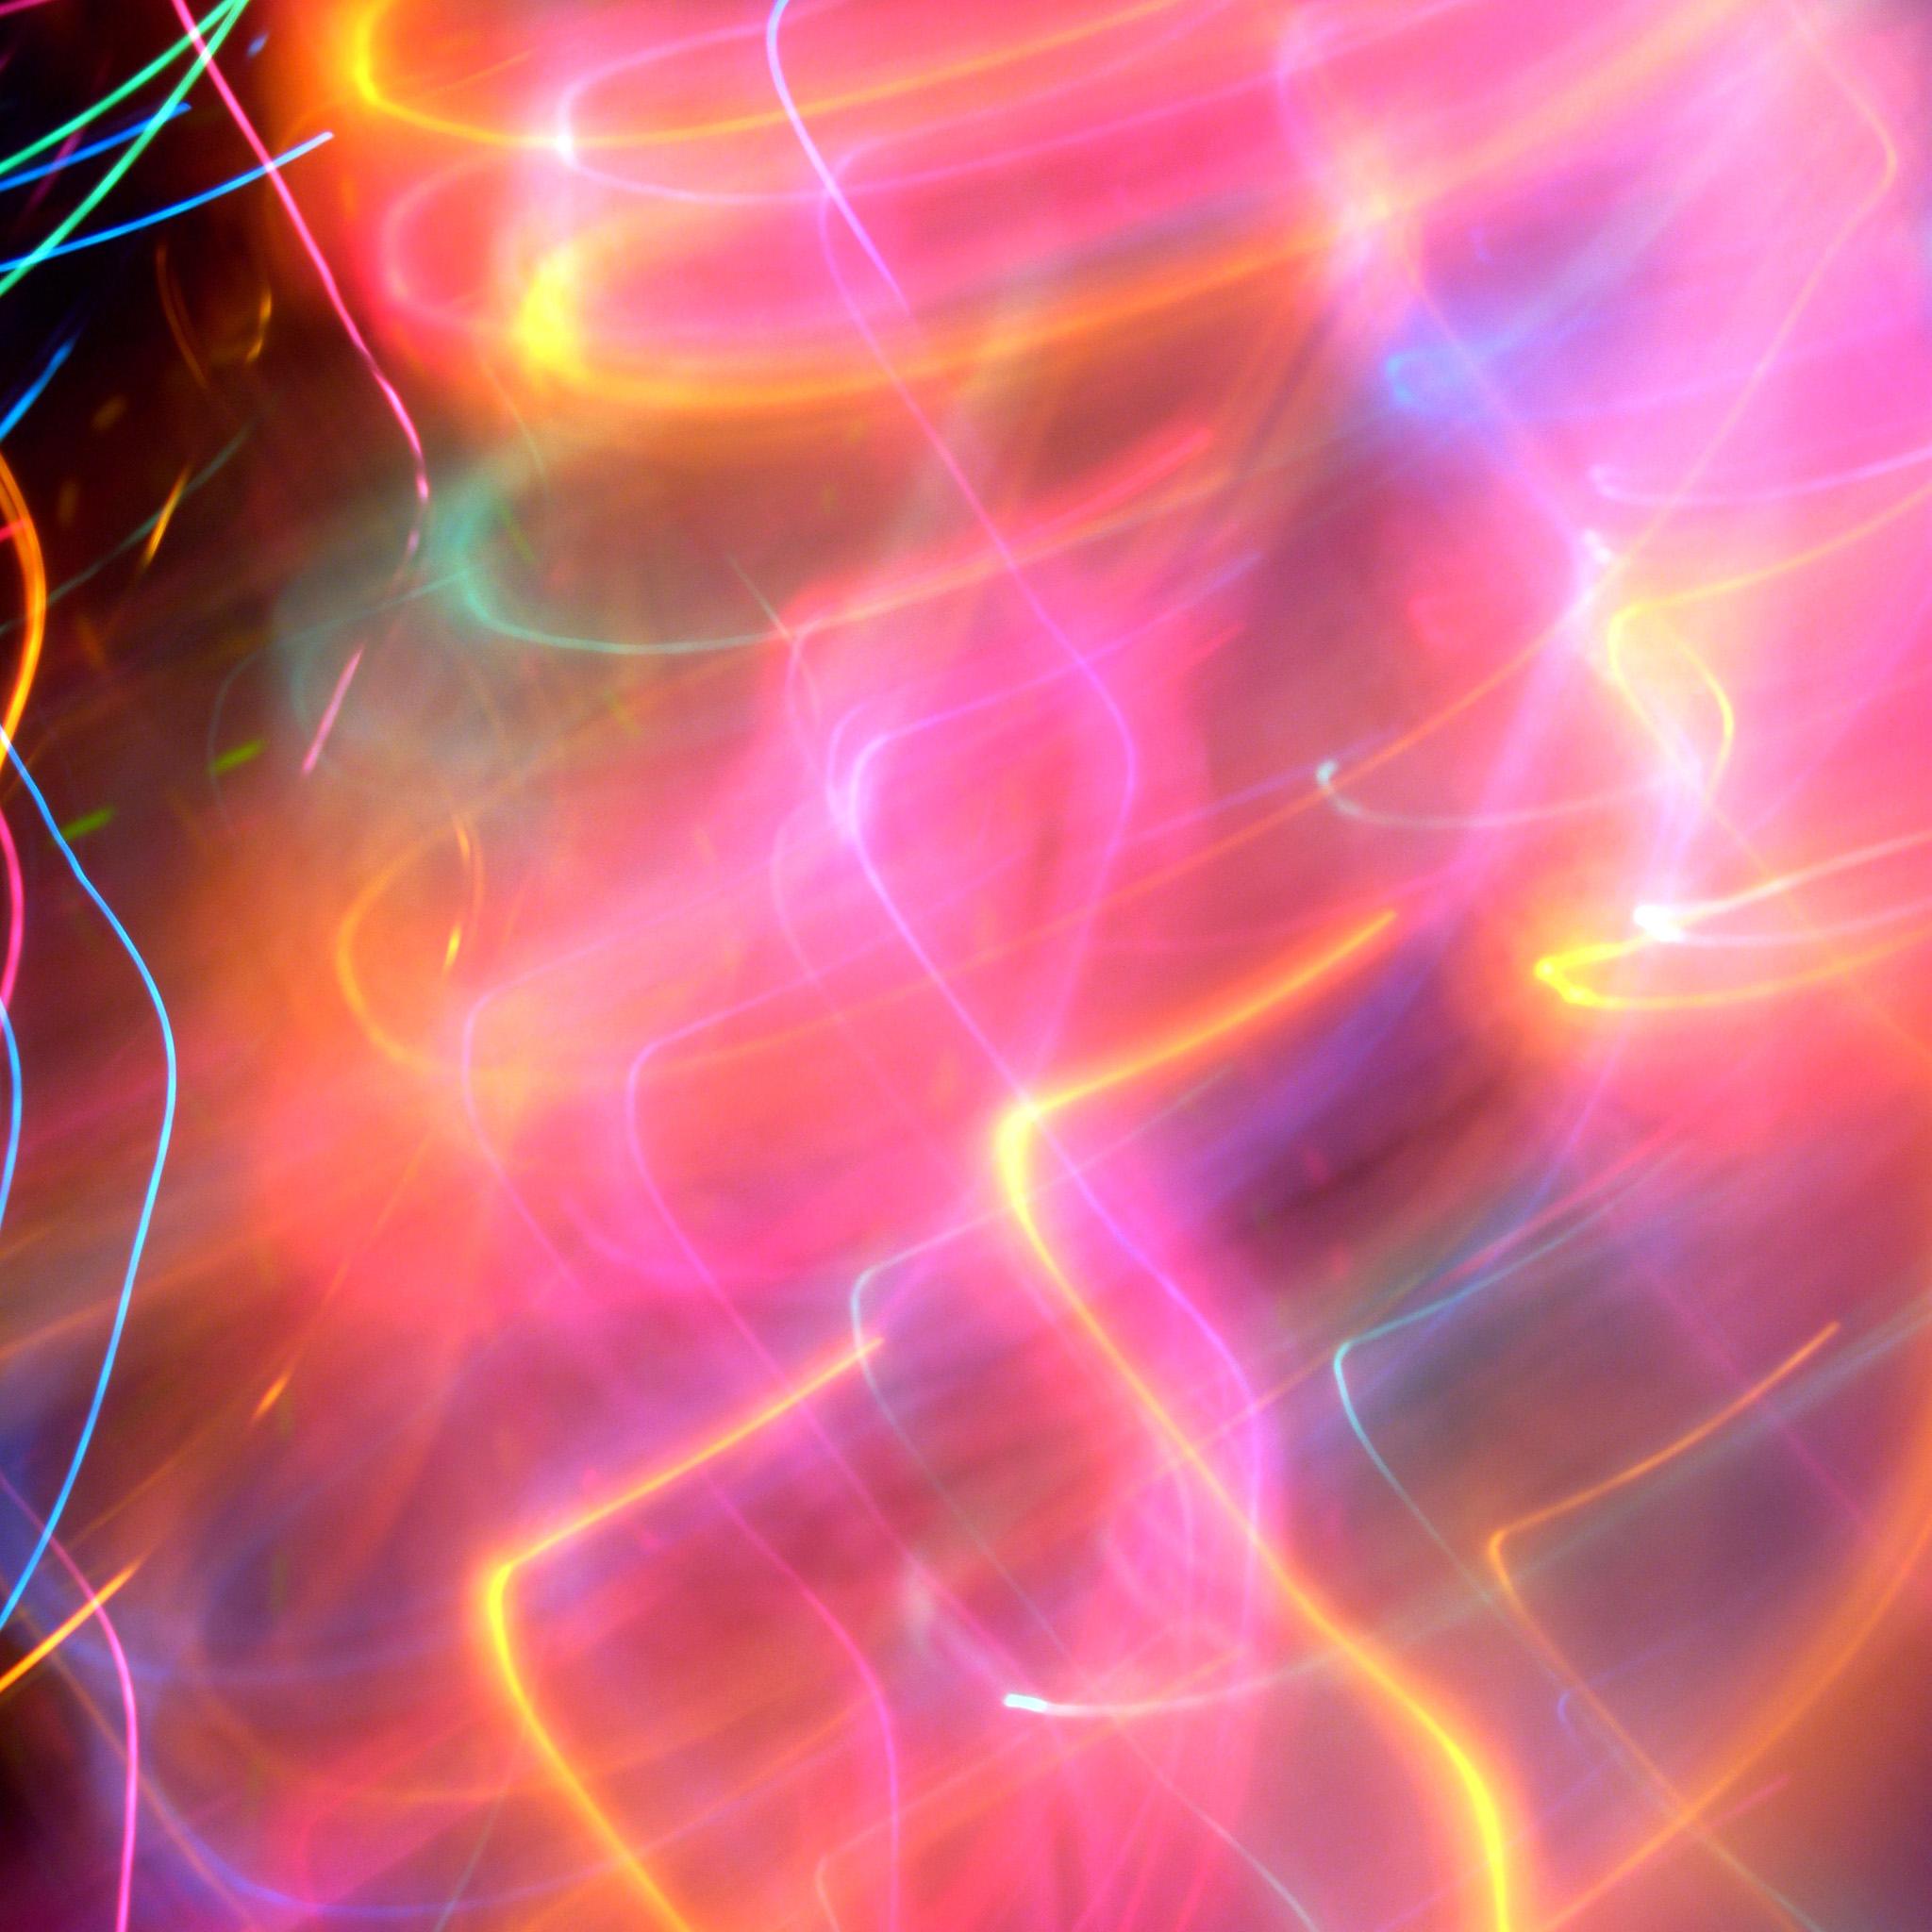 kevindooley - abstract color trails ipad wallpaper